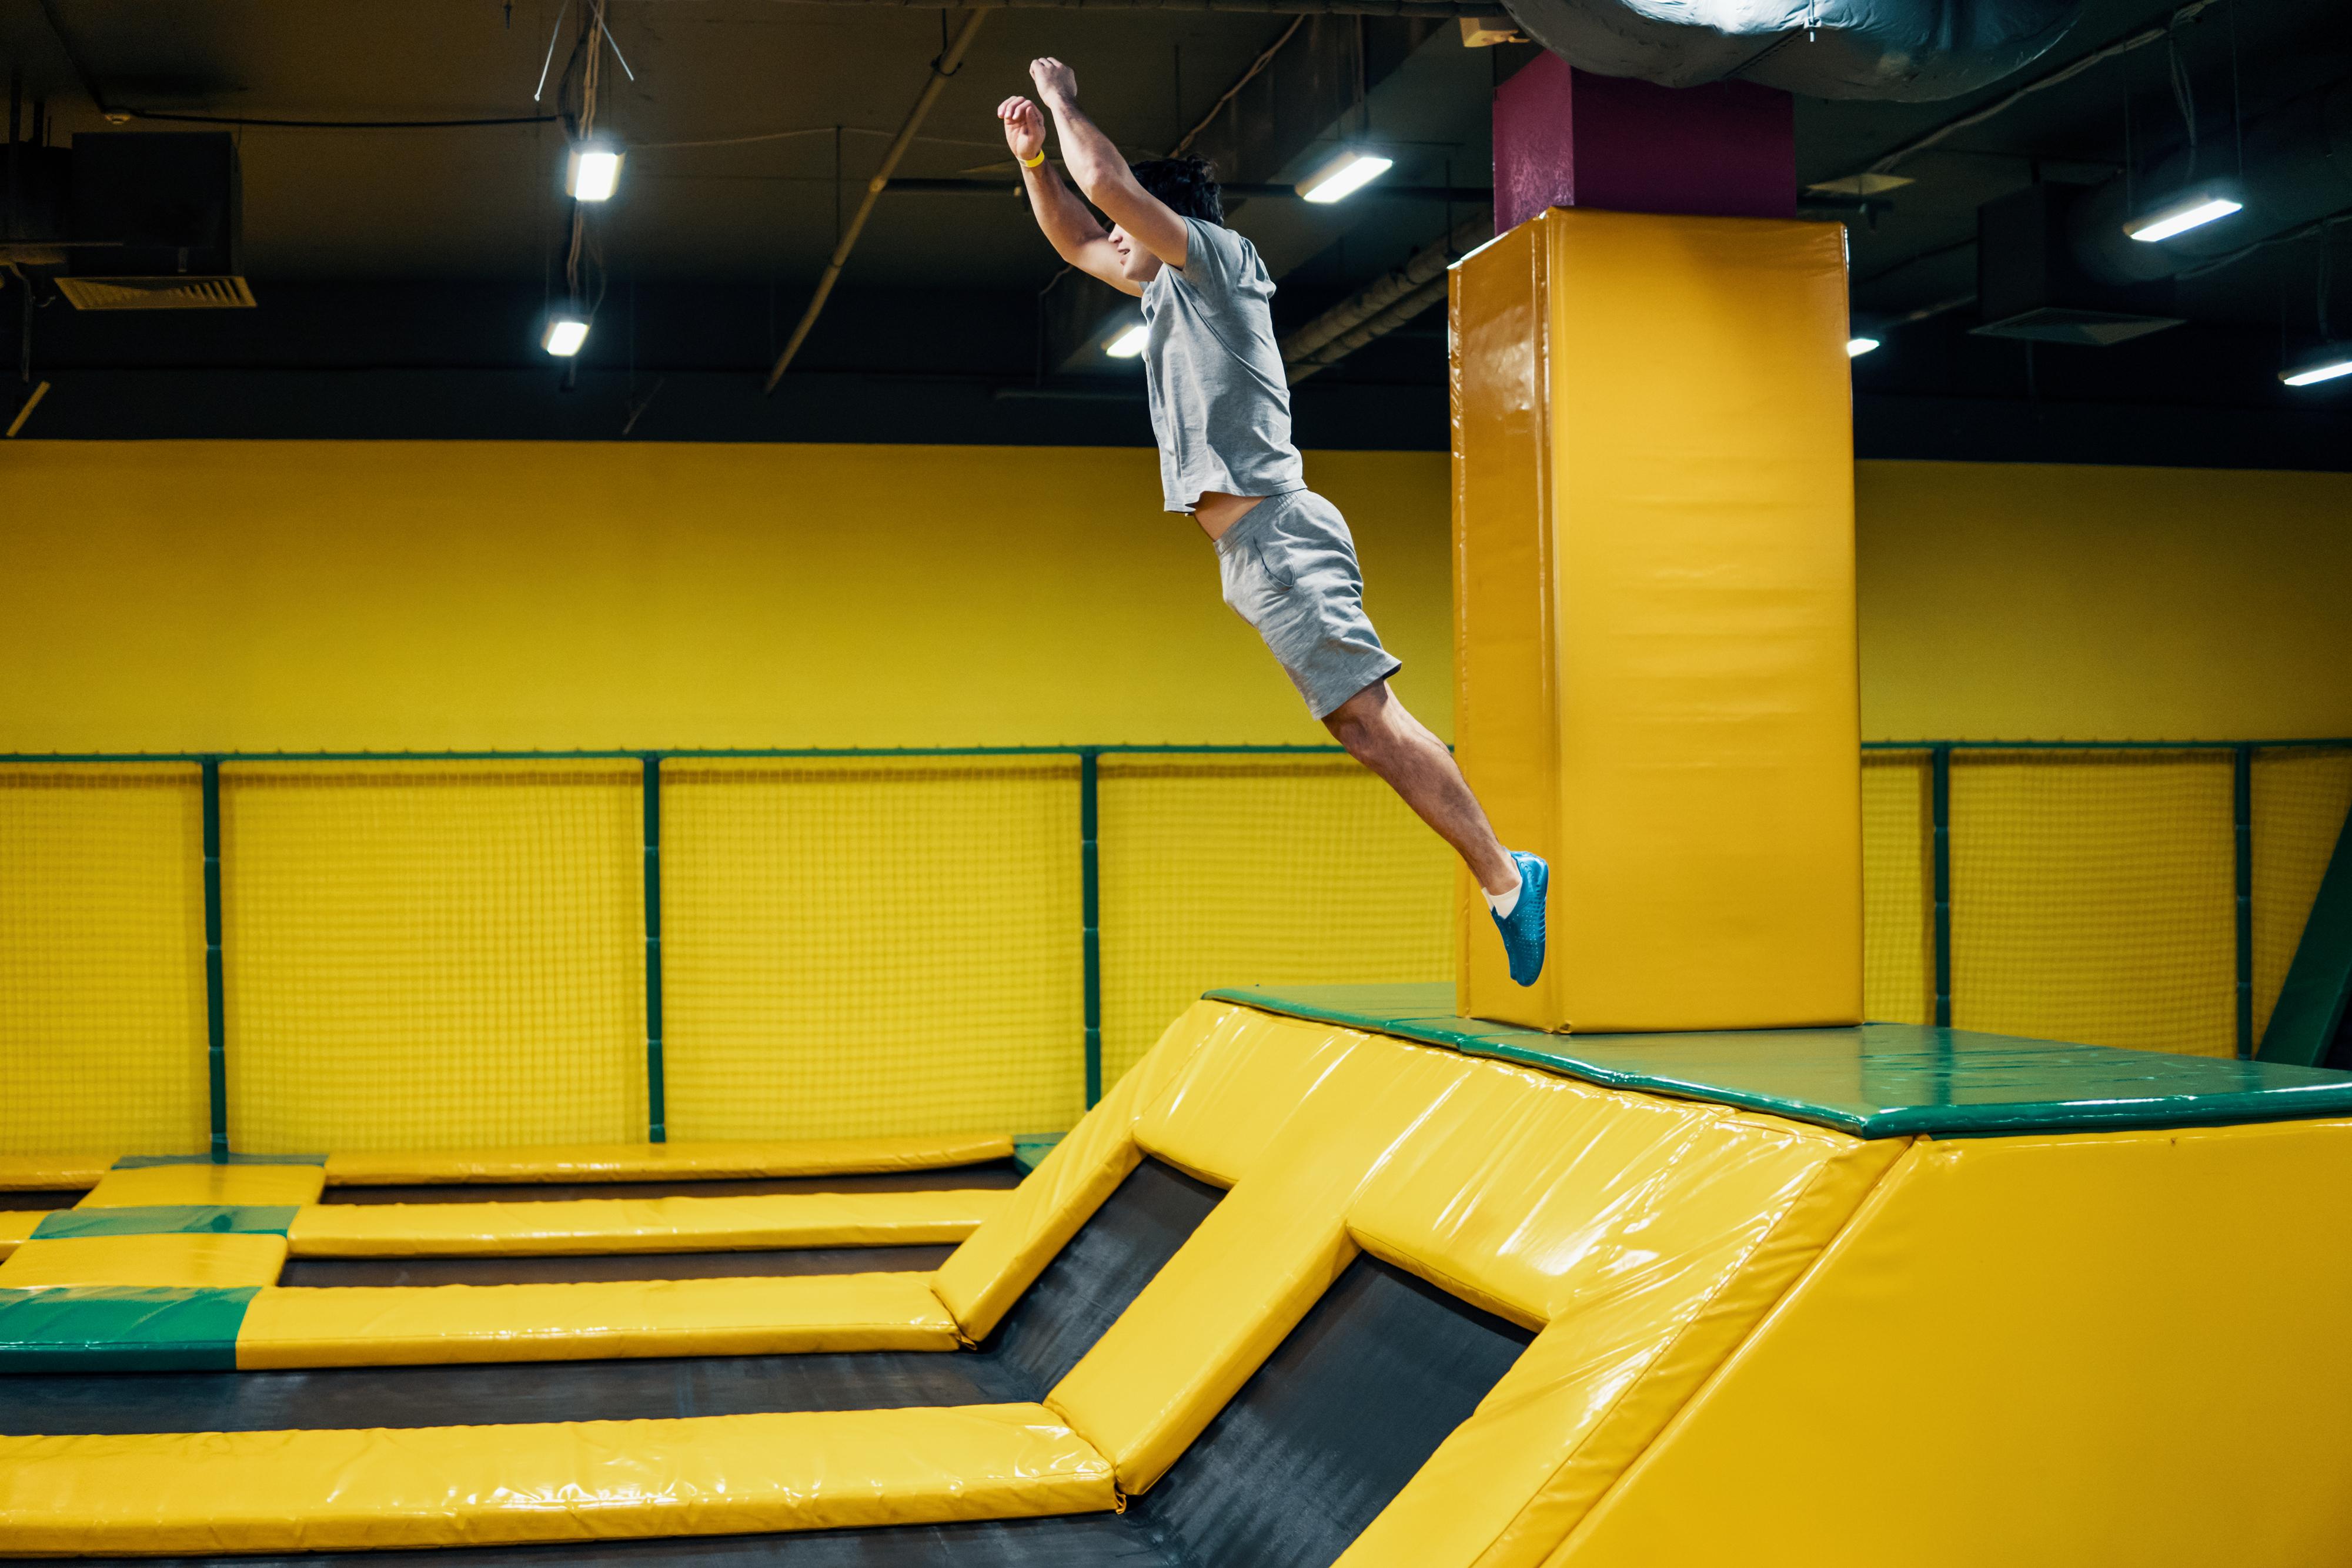 Man in an indoor trampoline park